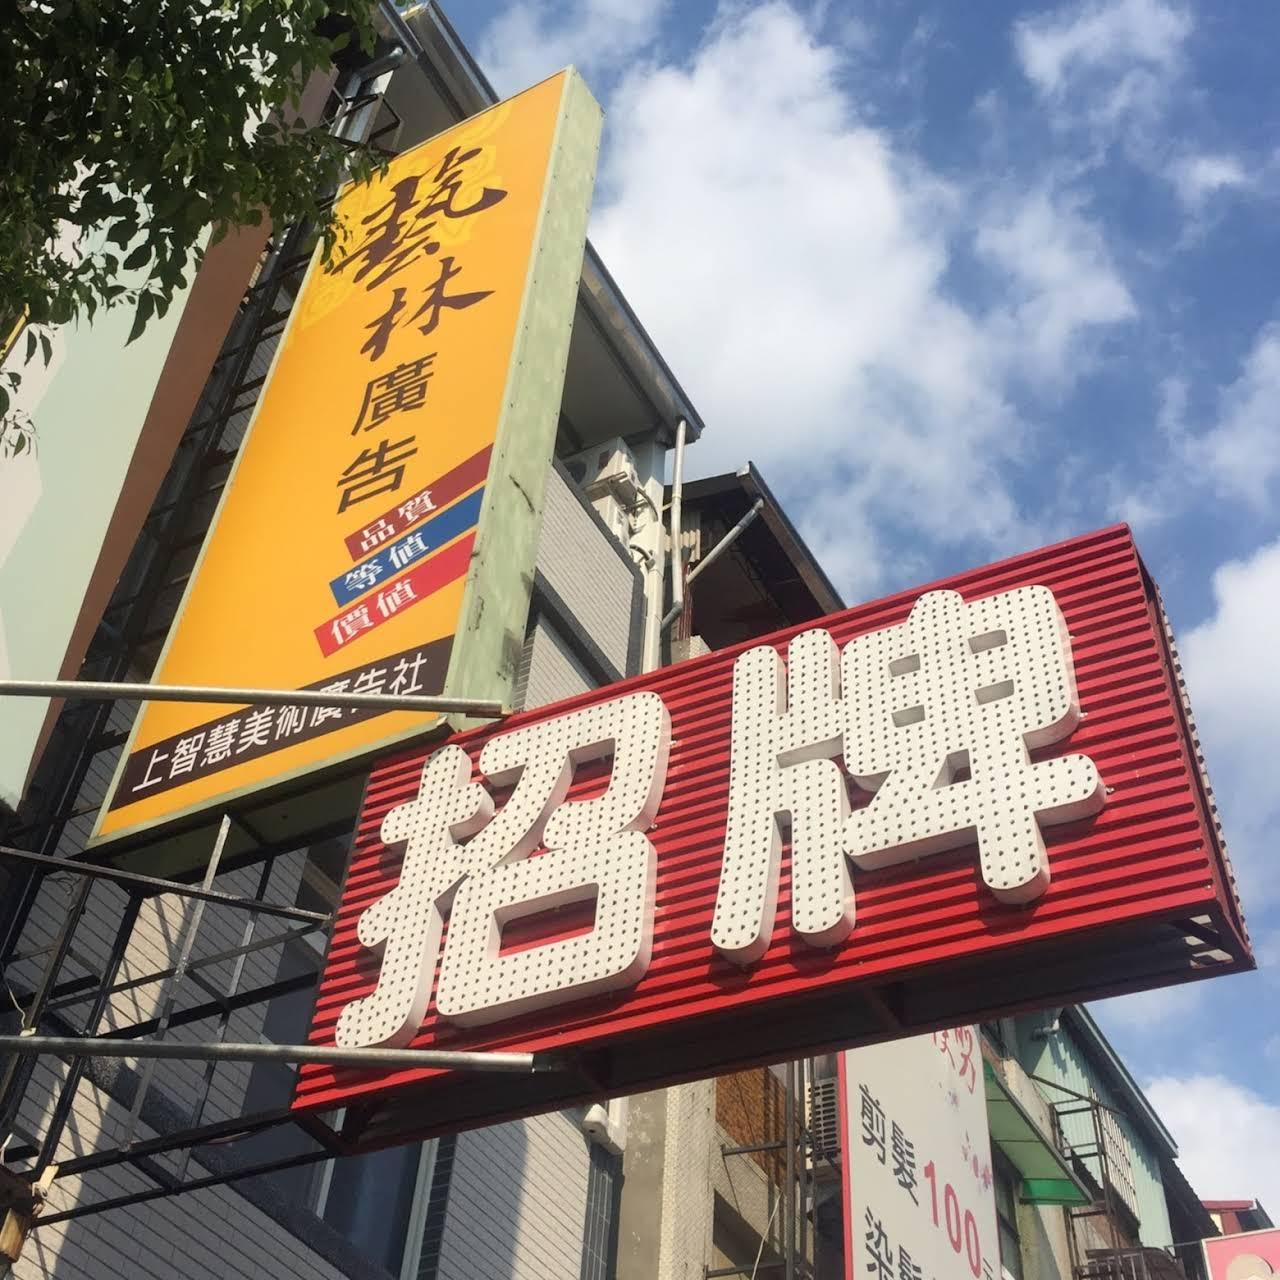 藝林廣告/上智慧廣告 - 廣告公司